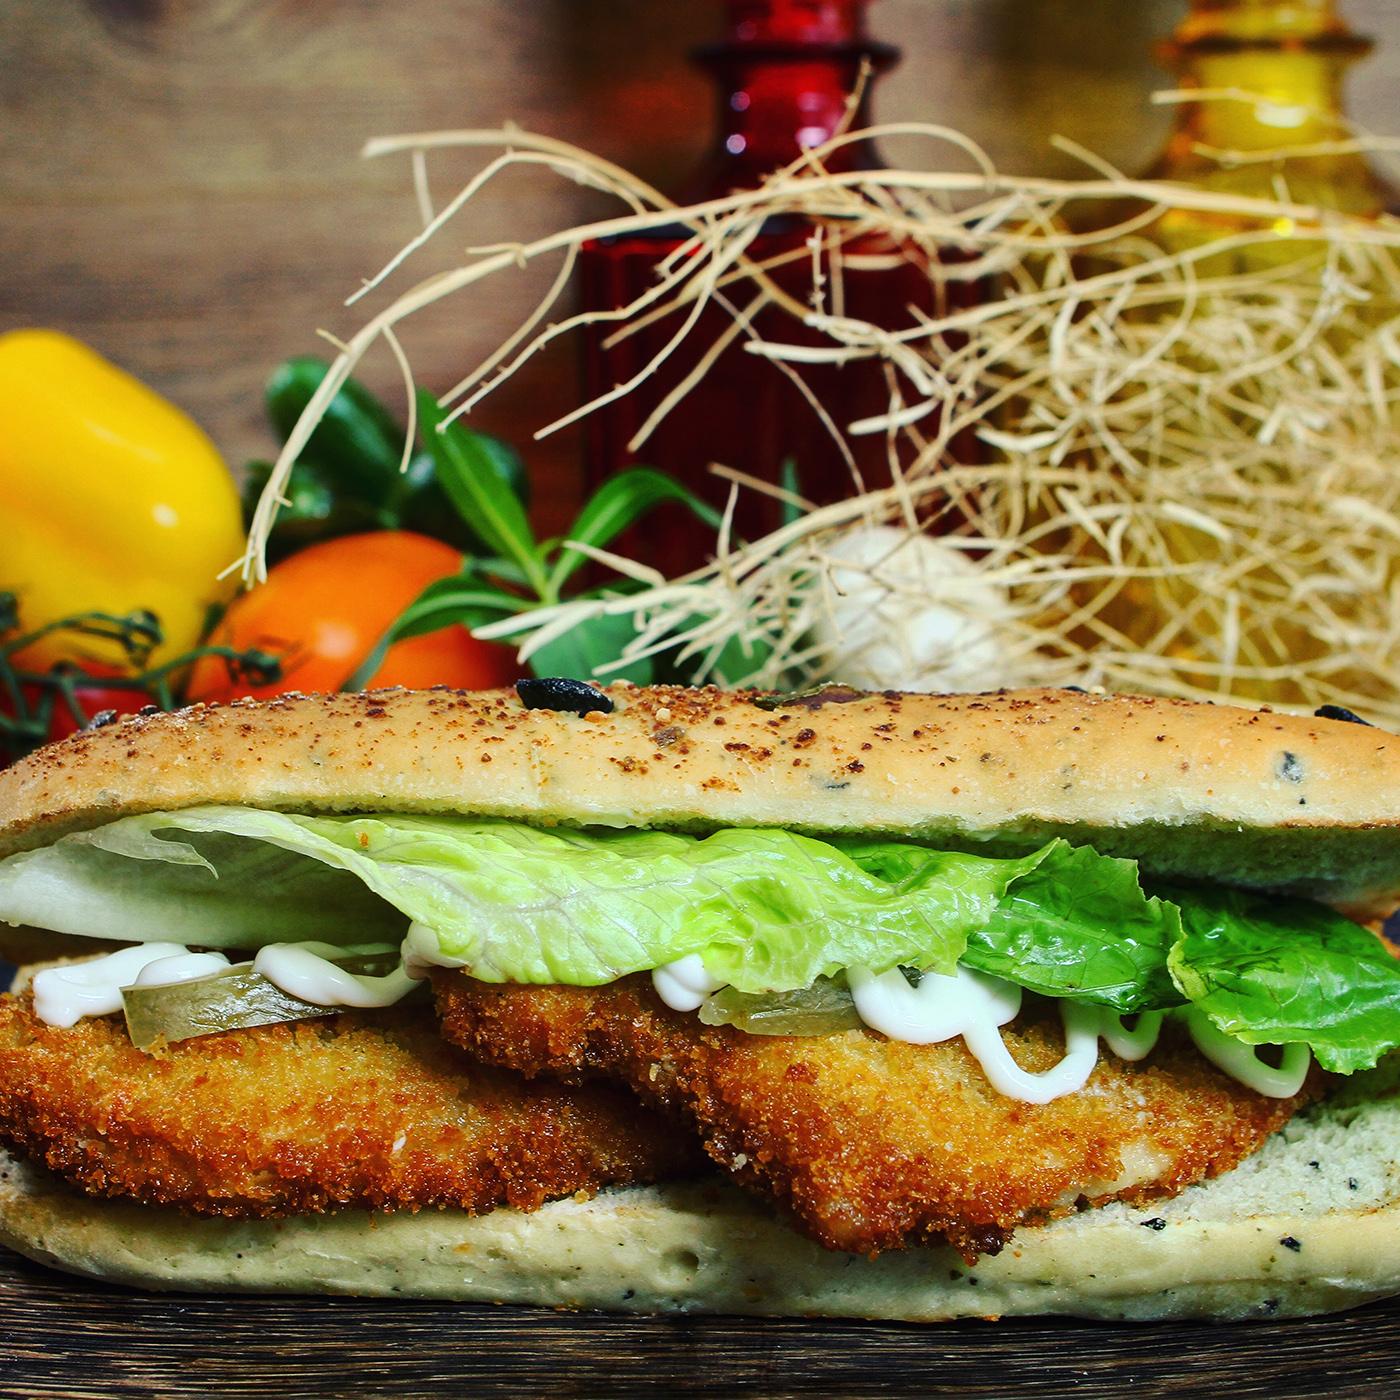 oven_sandwiches_2.jpg